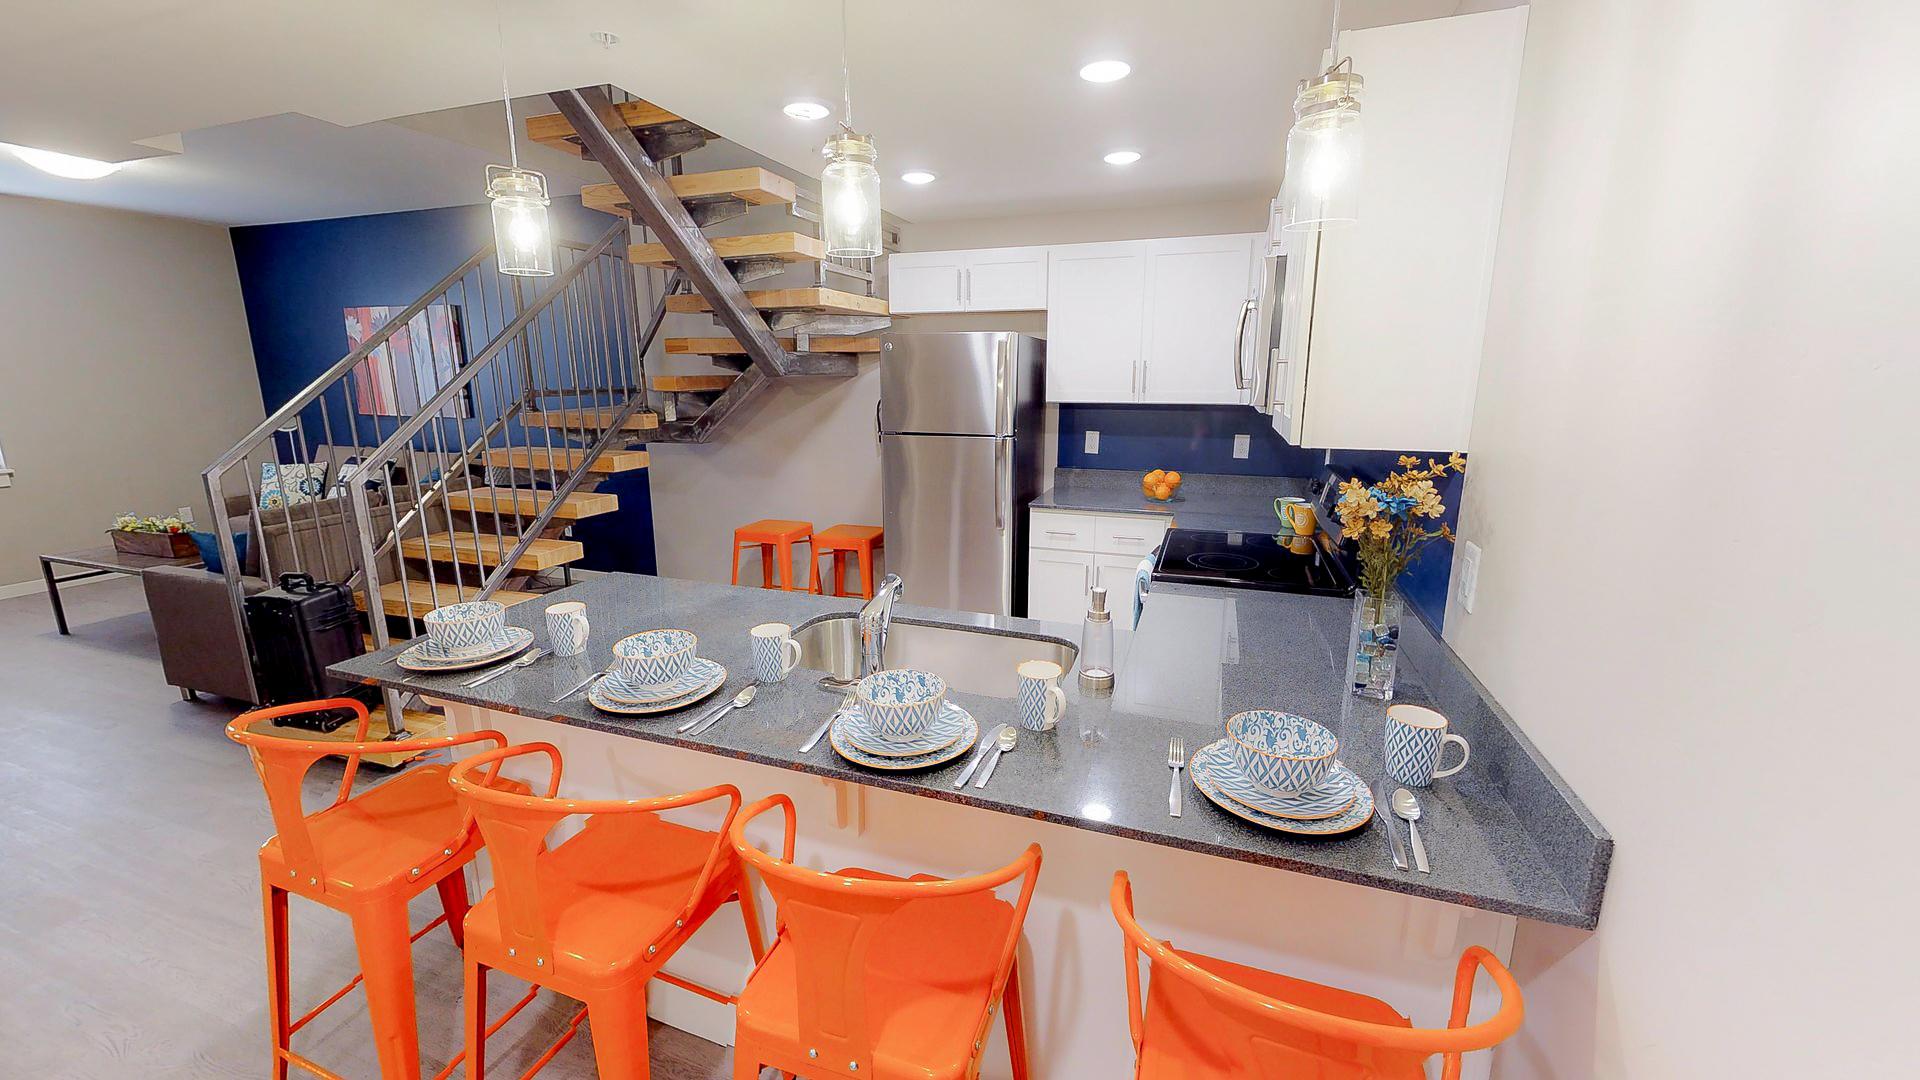 Rexburg Student Housing Apartments